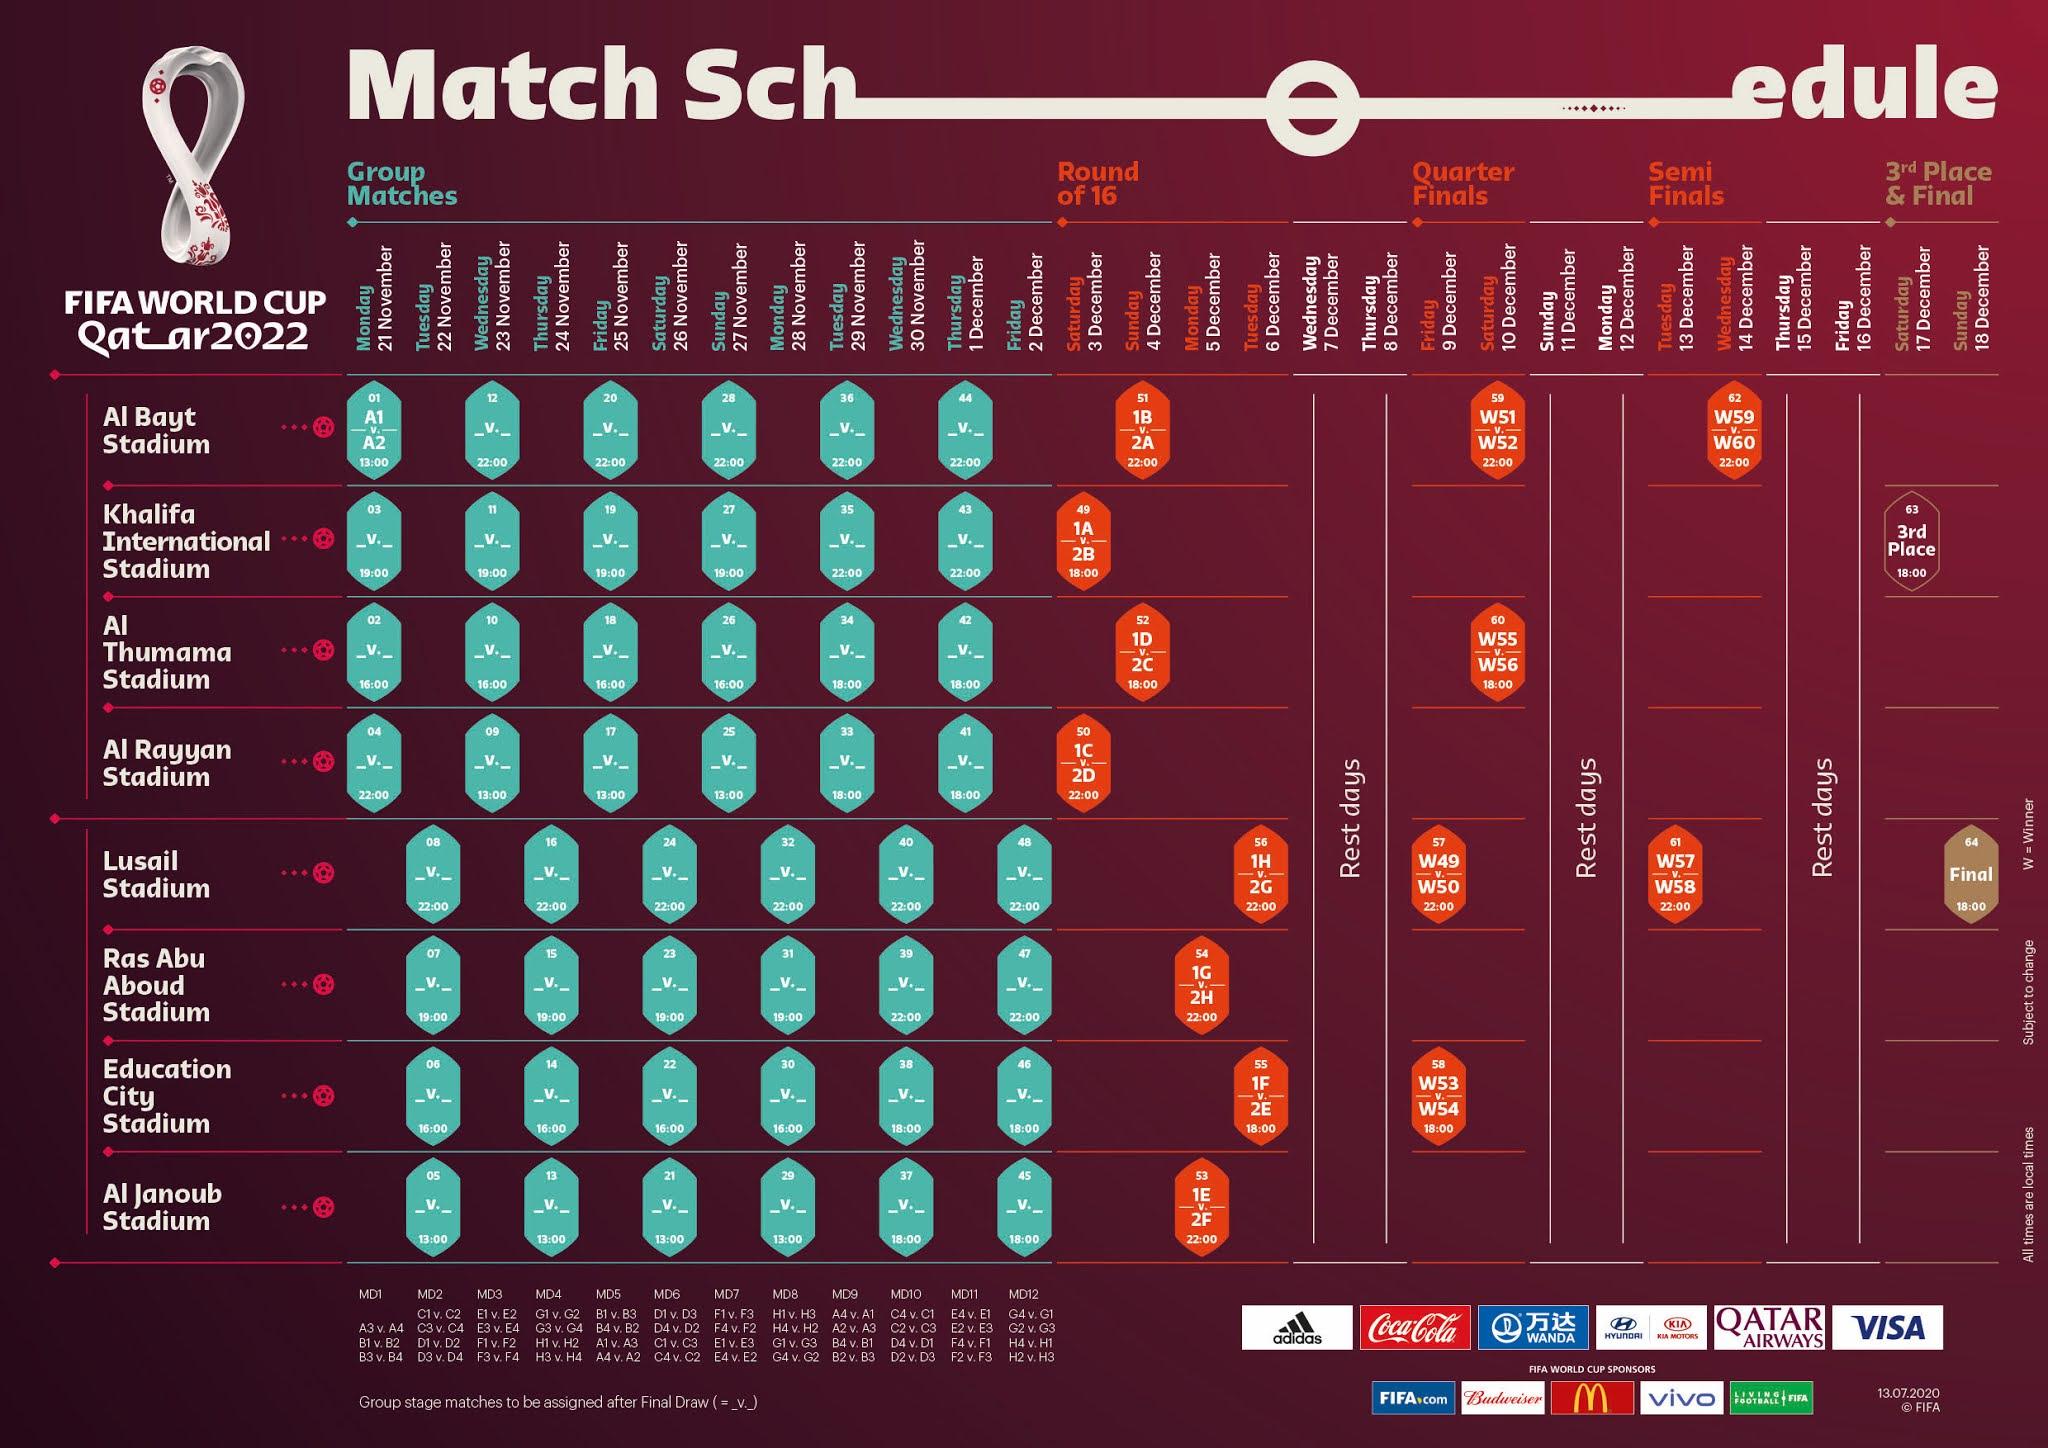 FIFA World Cup Qatar 2022 Match Schedule